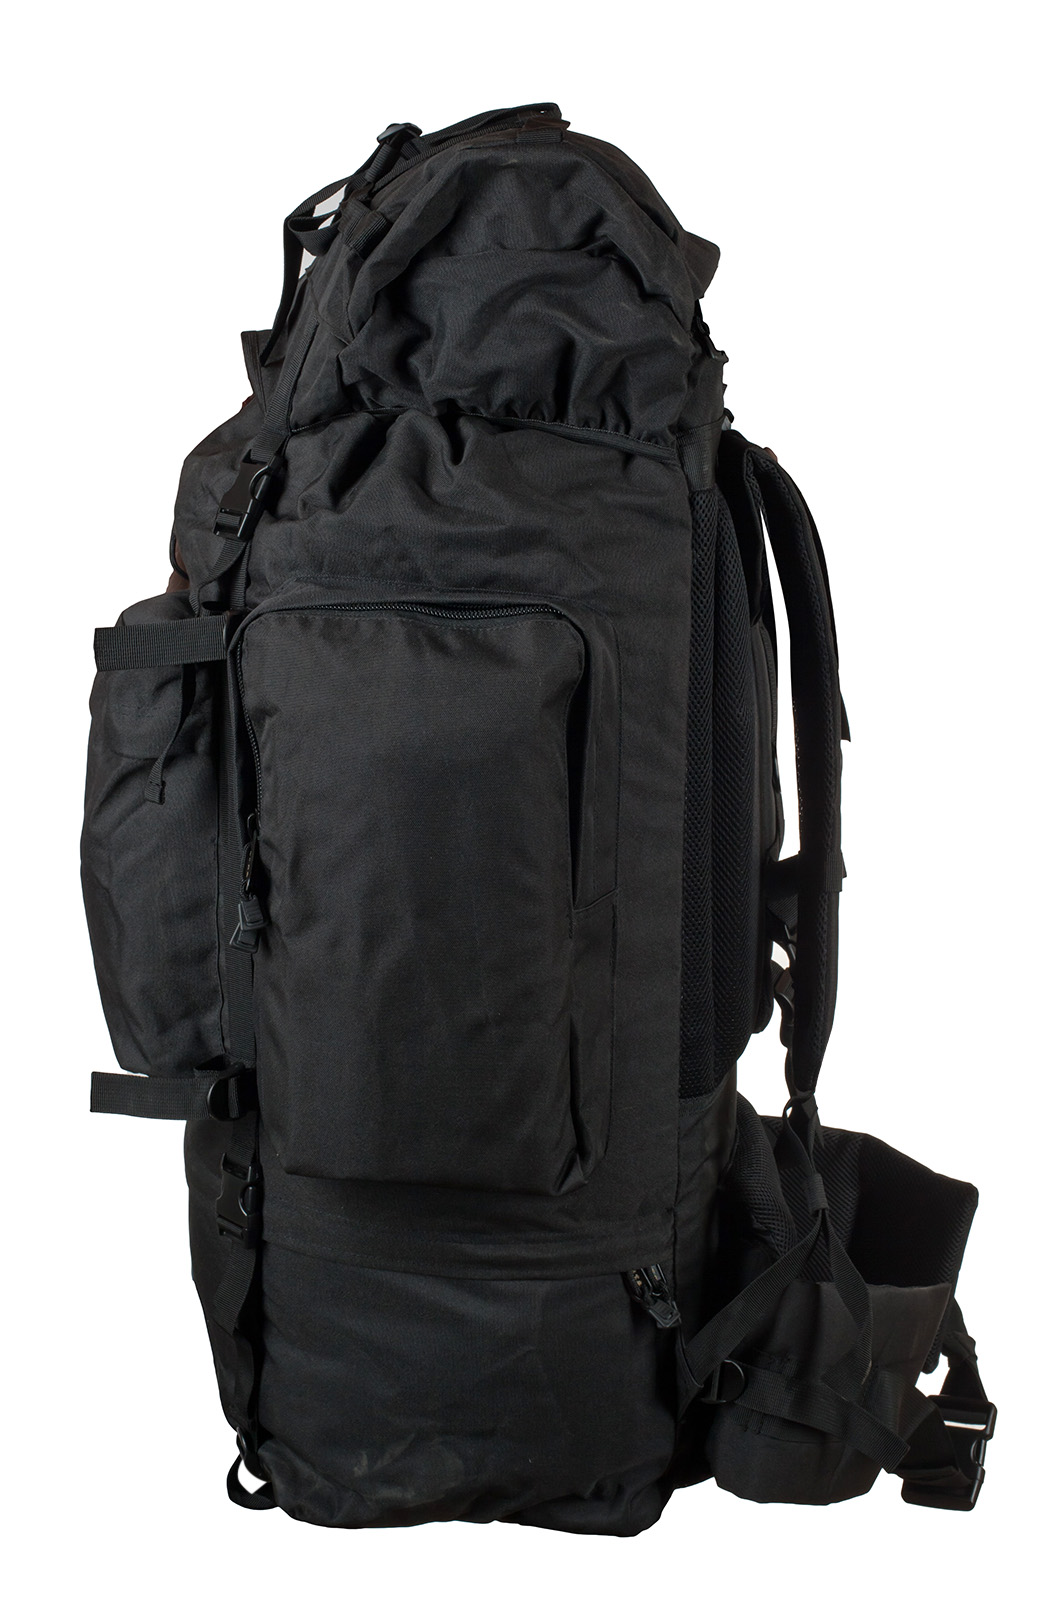 Черный тактический рюкзак с нашивкой Погранслужбы - заказать оптом